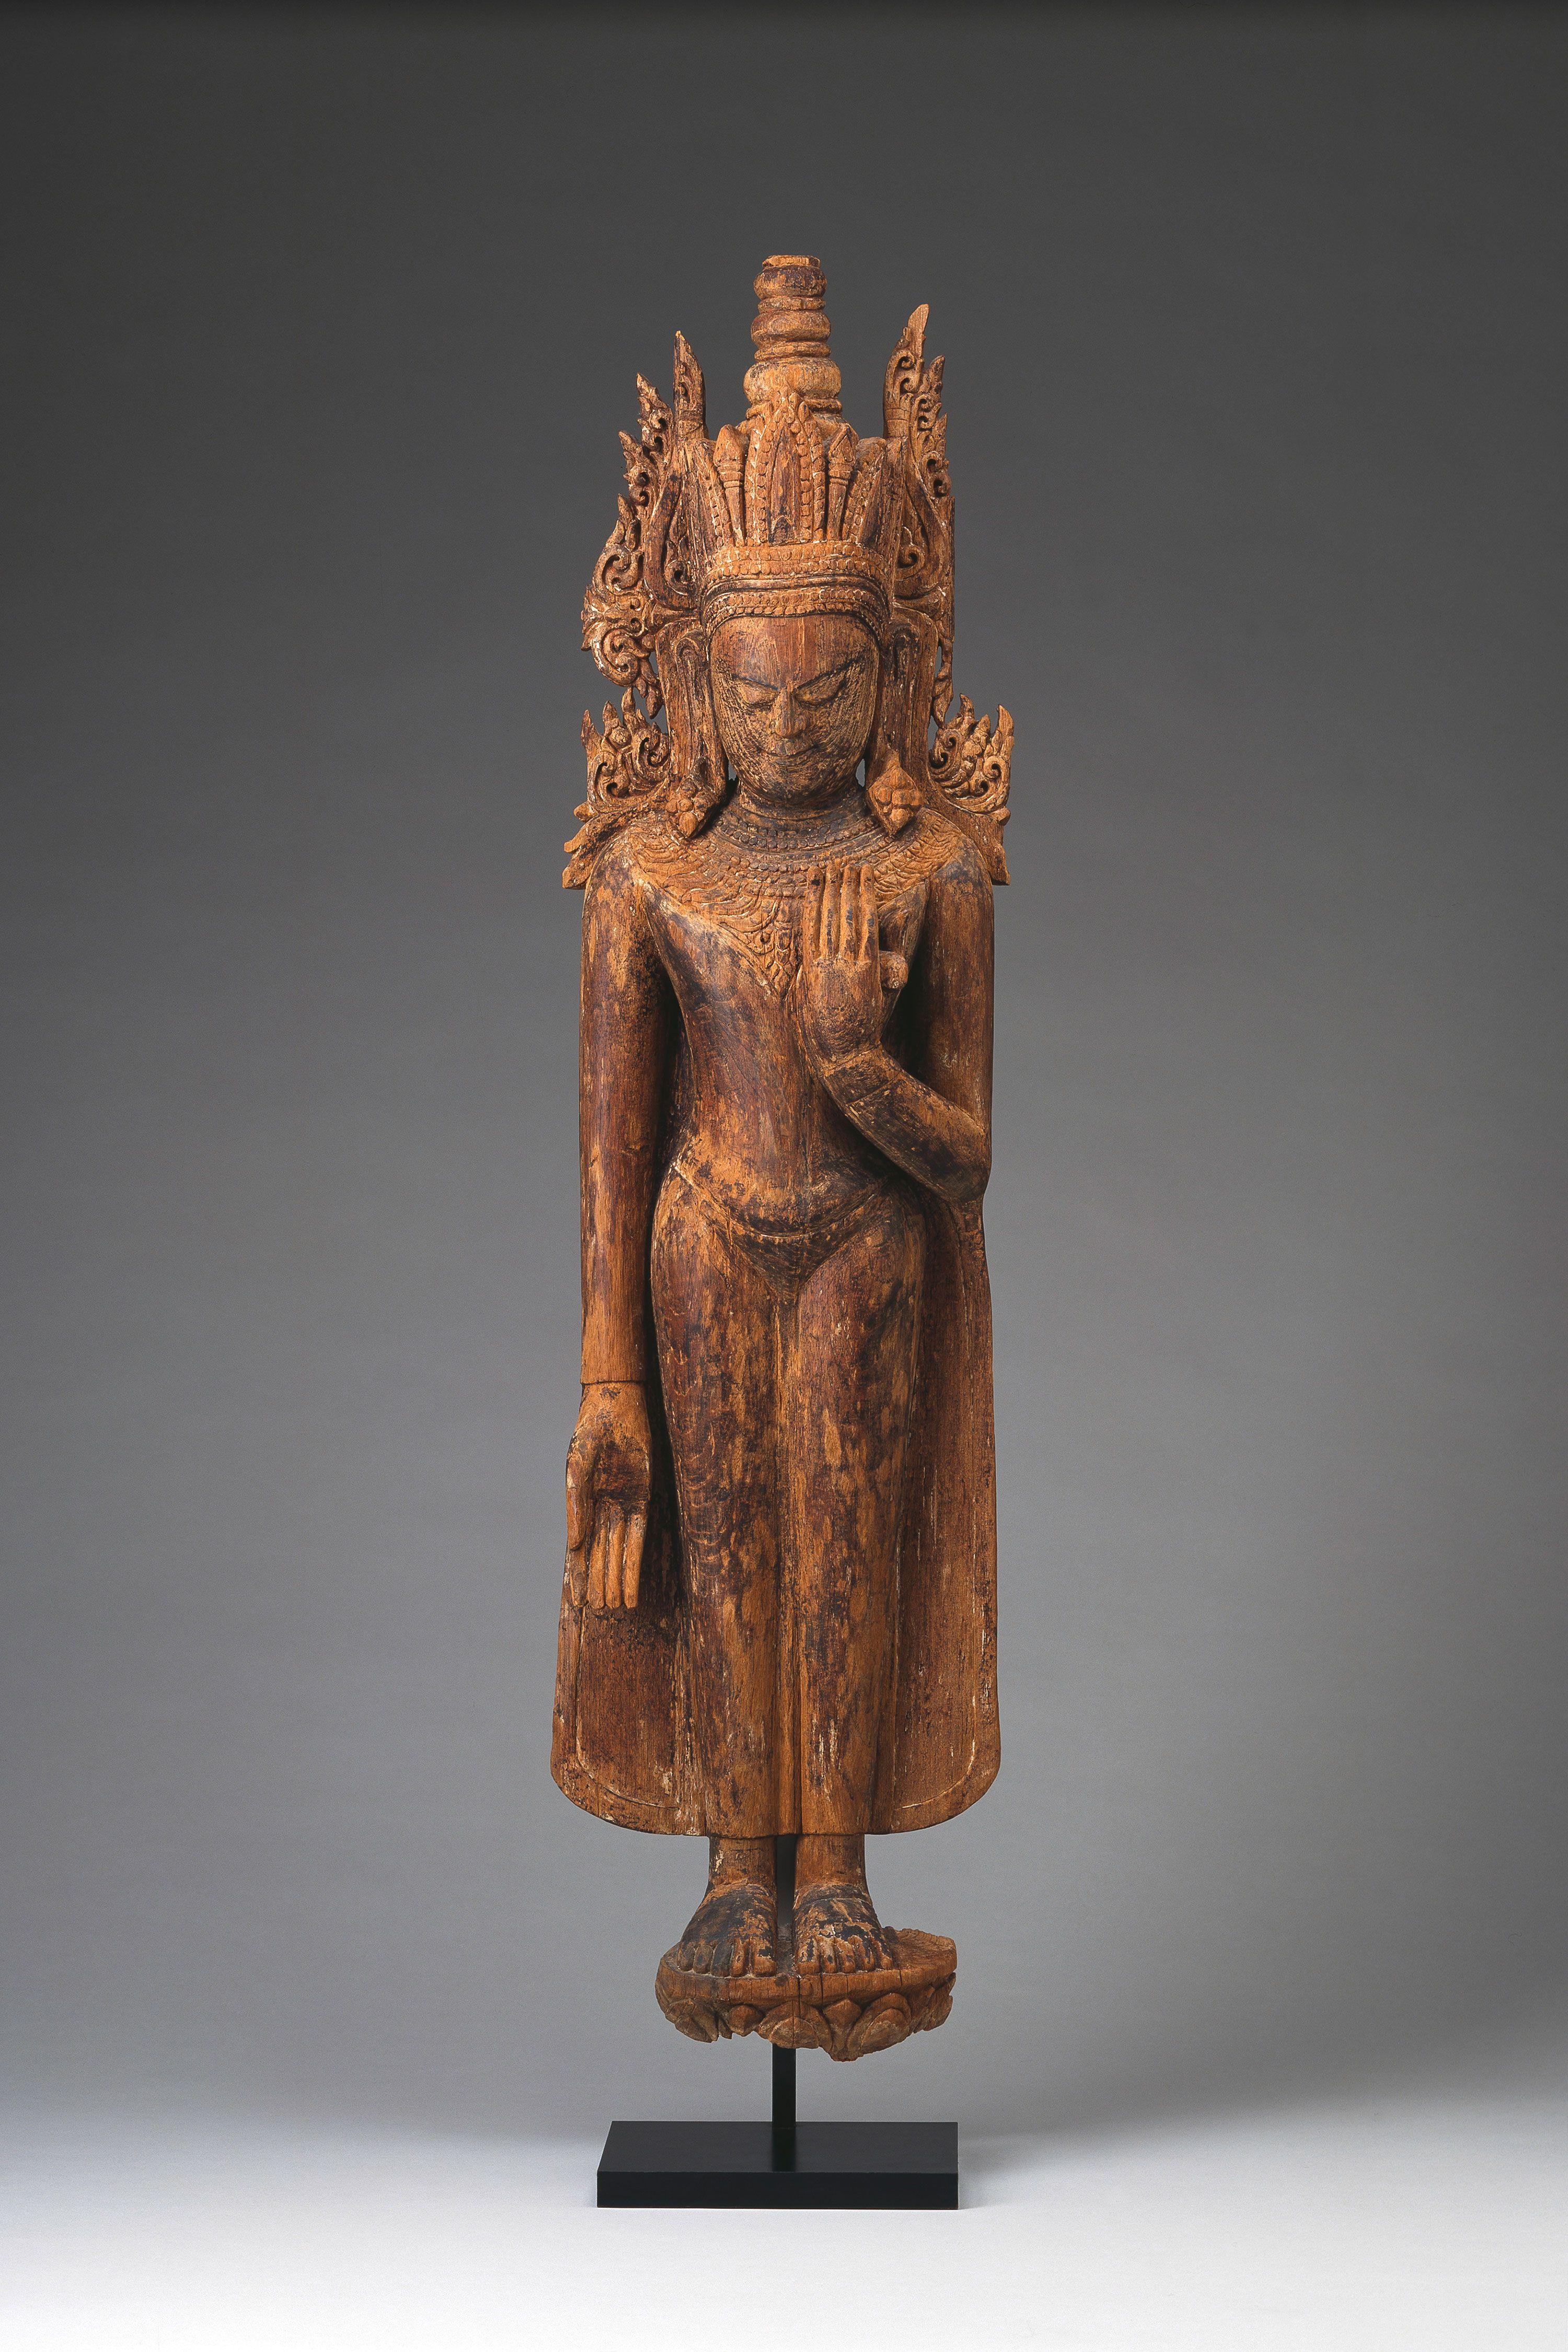 Gekrönte Darstellungen des Buddha sind mit indischen Handwerkern aus Bengalen nach Myanmar gelangt. Während die Theravada-Tradition den Buddha vor allem als Asketen versteht, wurde er im tantrischen Buddhismus Bengalens als menschliche Verkörperung eines transzendenten, ewigen Buddha verstanden, der gekrönt dargestellt wurde. | Foto: Anatol Dreyer